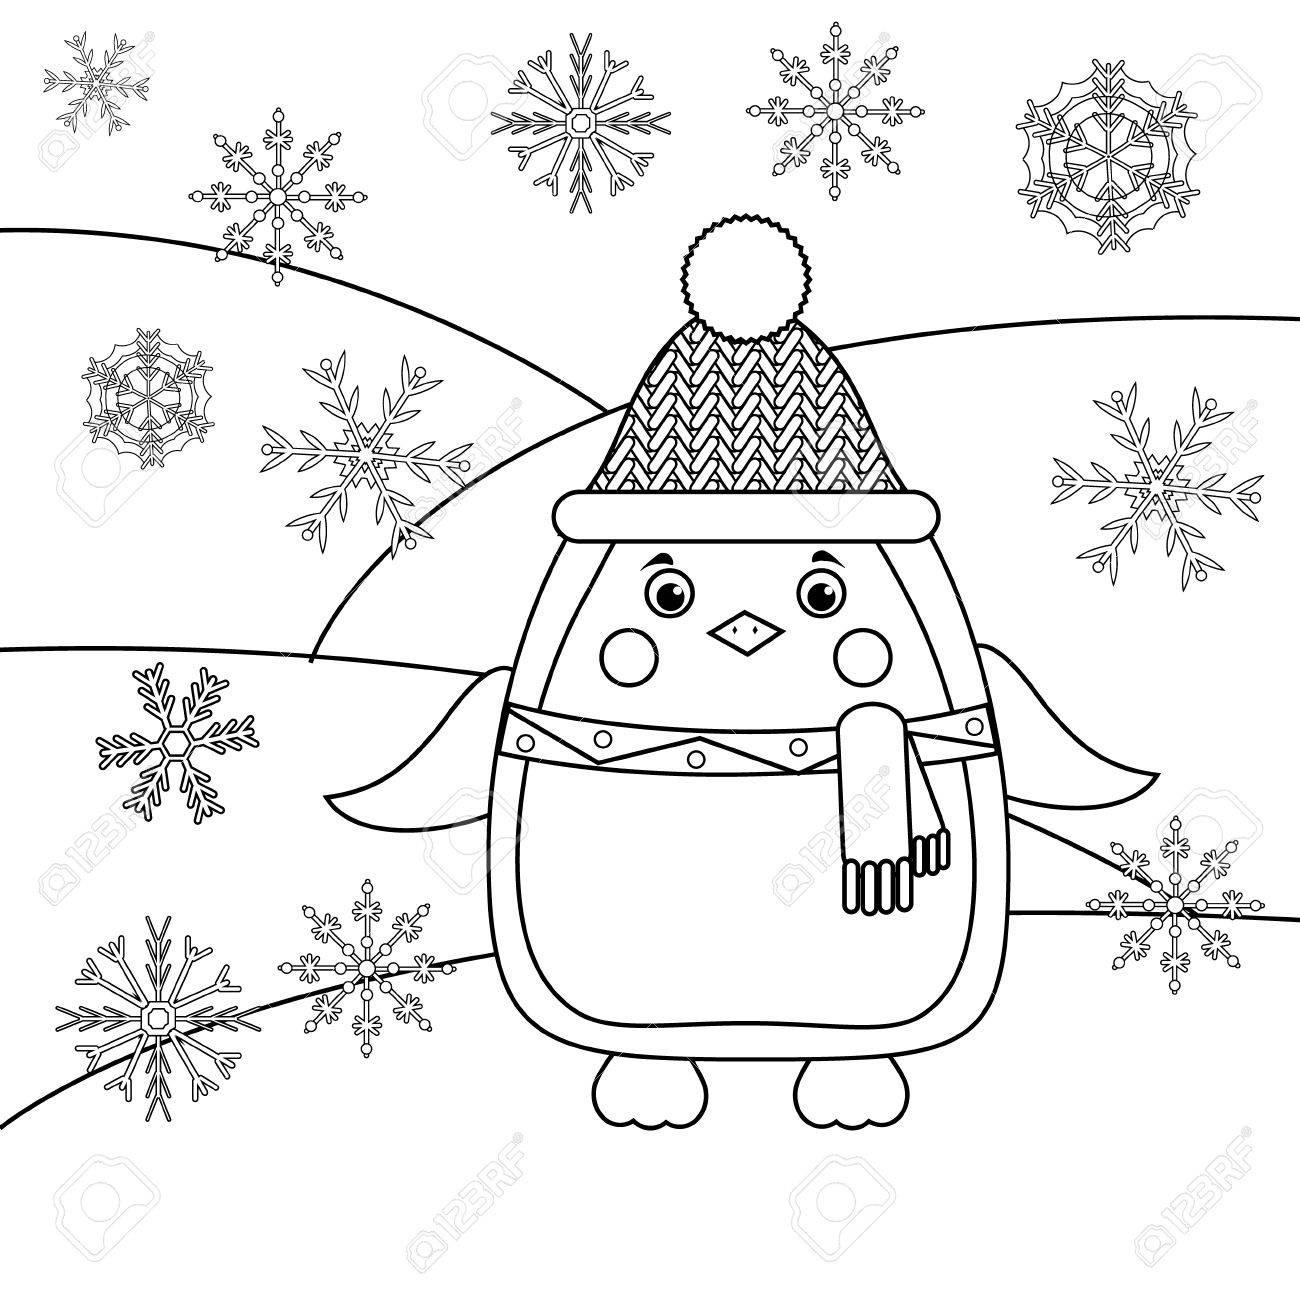 Malvorlage Mit Pinguin In Hut Und Schal Und Schneeflocken Lernspiel